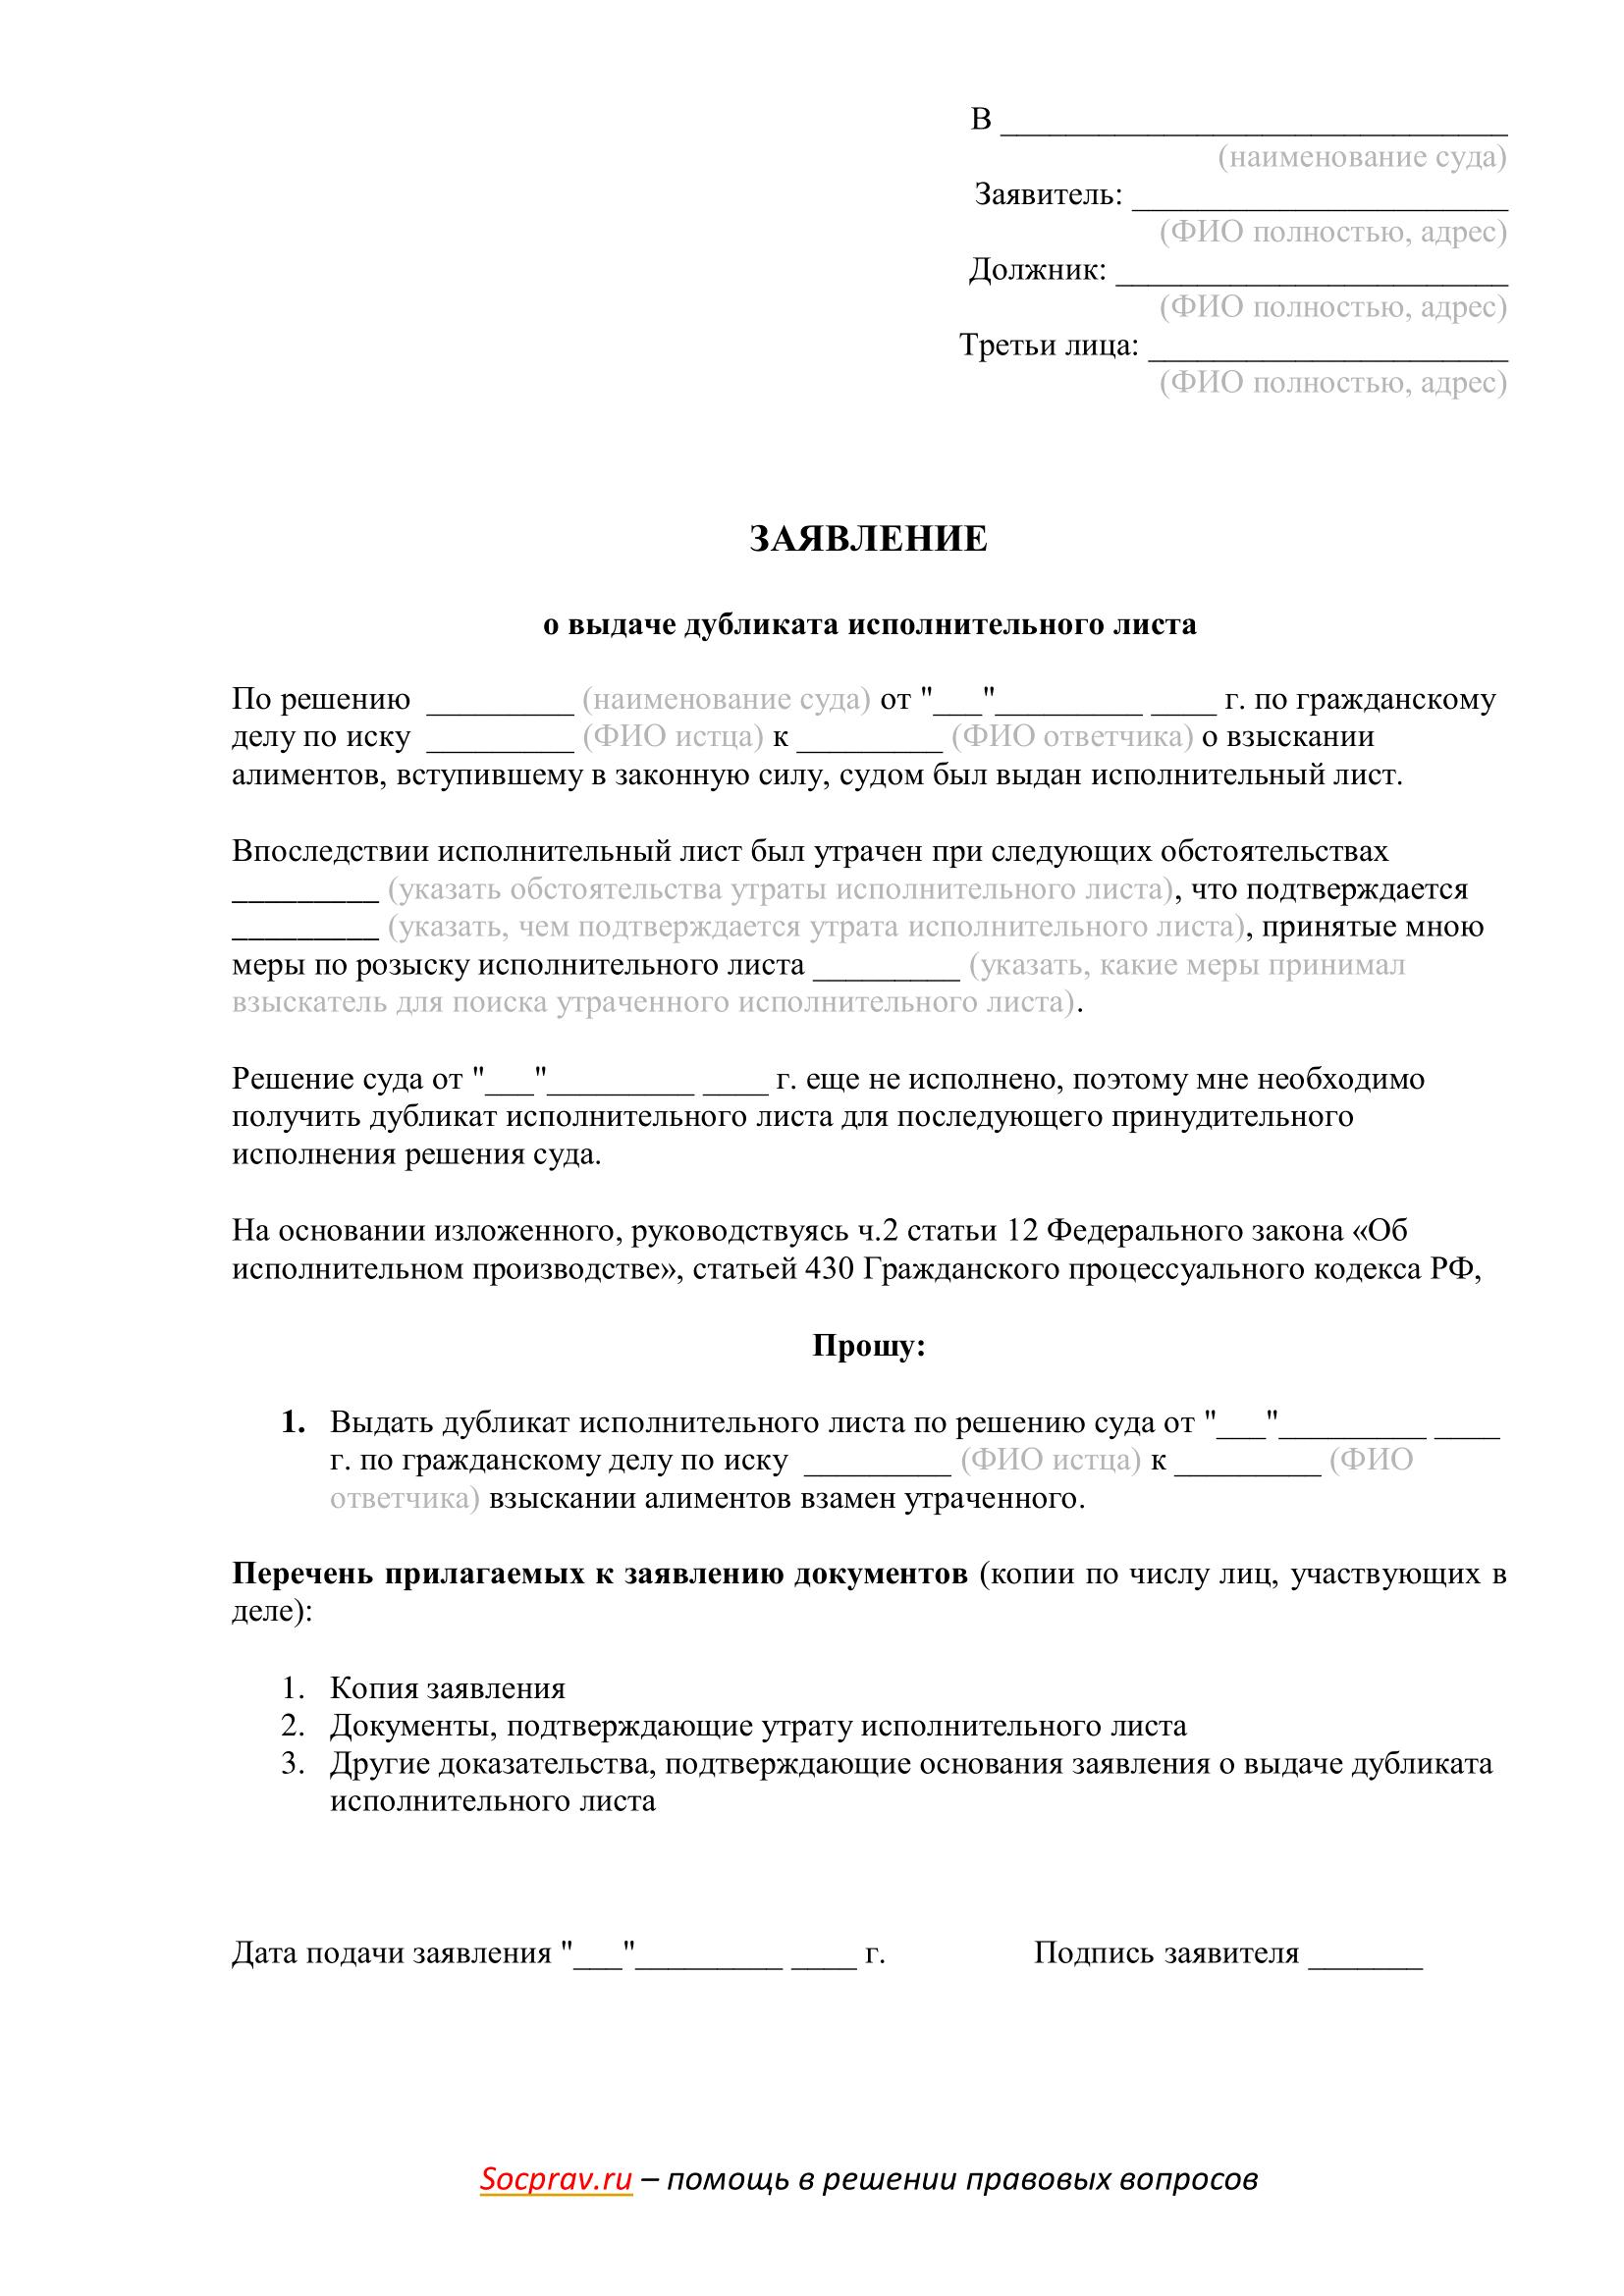 Заявление о выдаче дубликата исполнительного листа